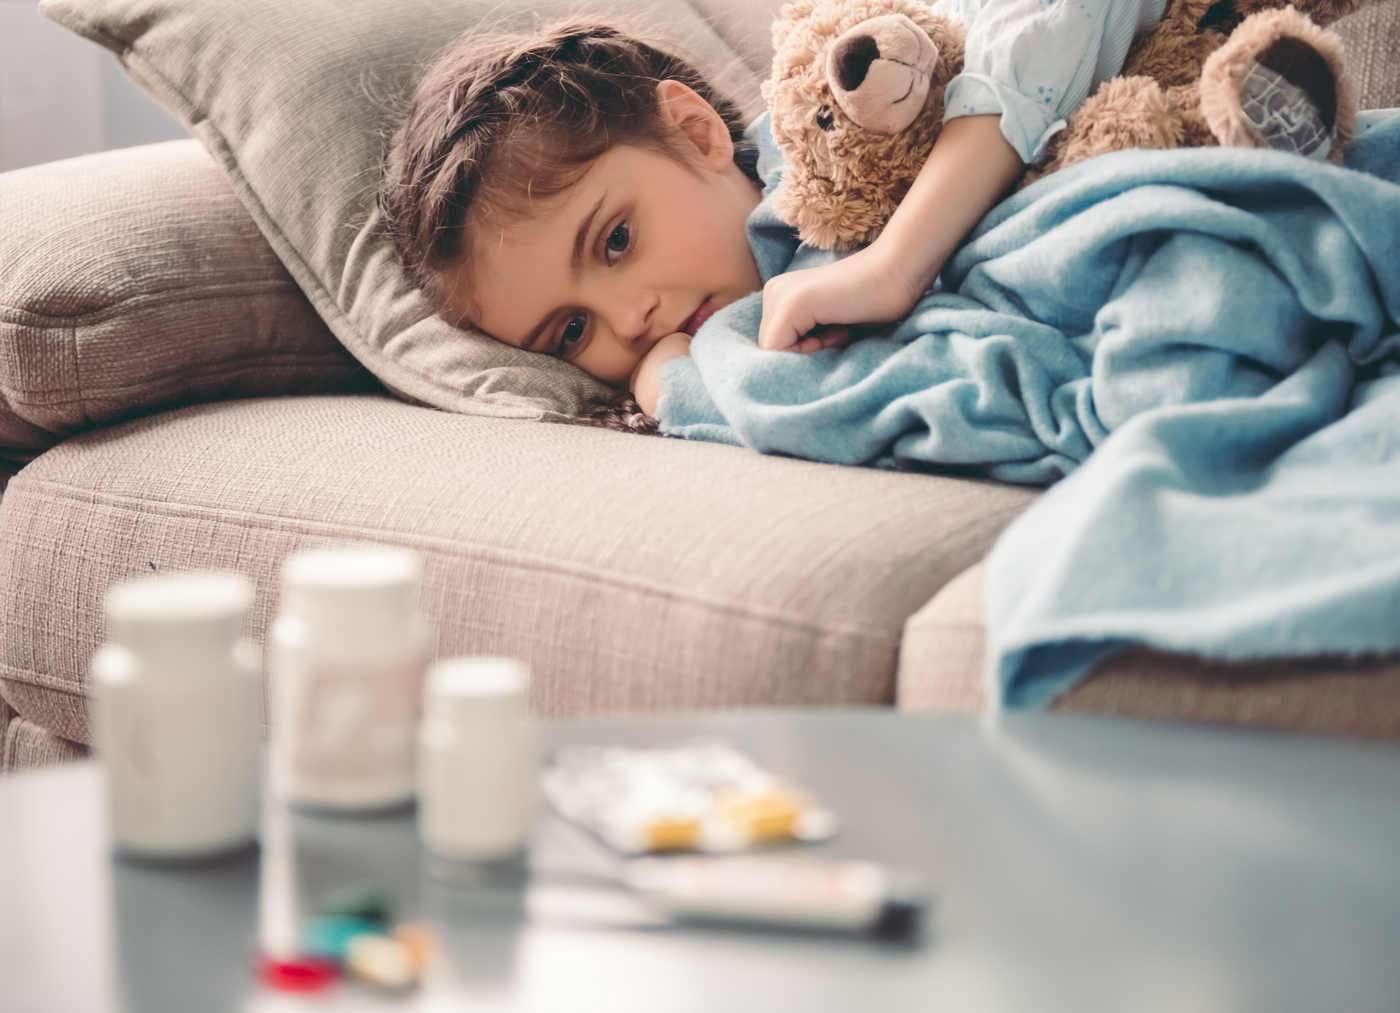 Dureri musculare la copil? Ar putea fi miozita, o complicație a gripei